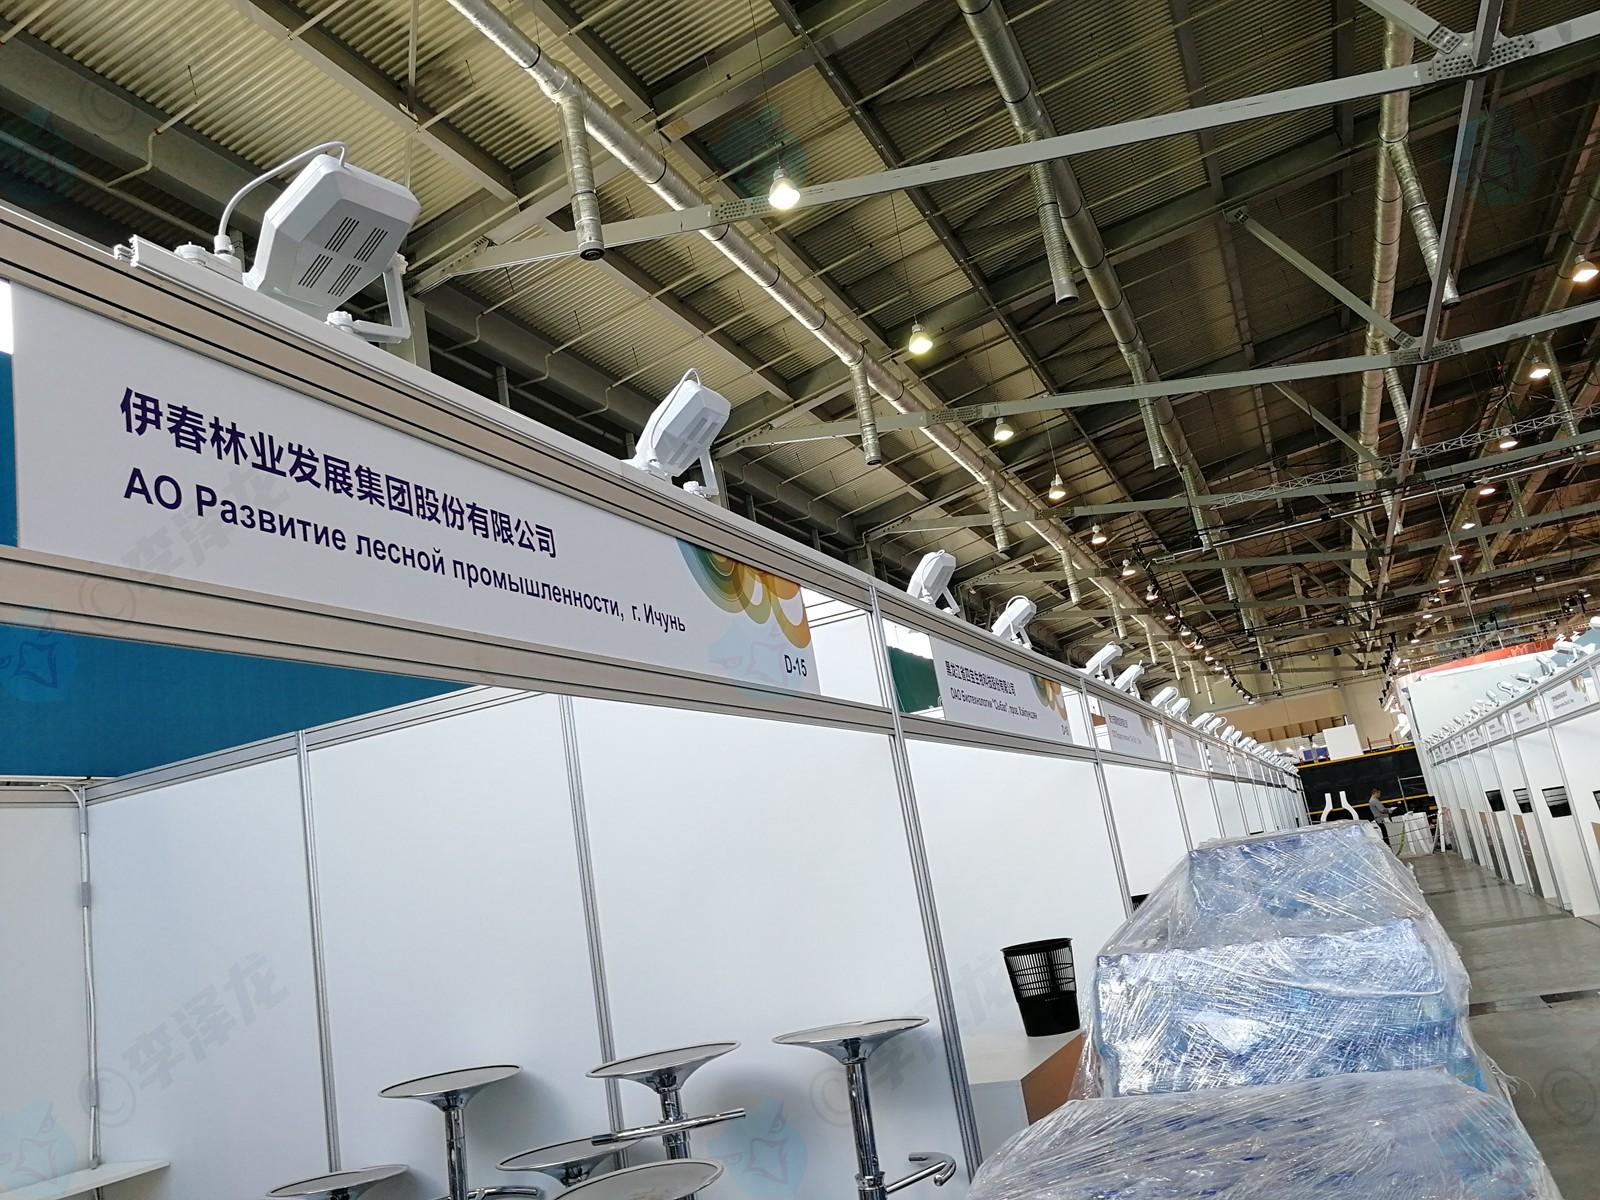 参加俄罗斯工业博览会(俄罗斯创新工业展)是什么体验?插图16-小狮座俄罗斯留学